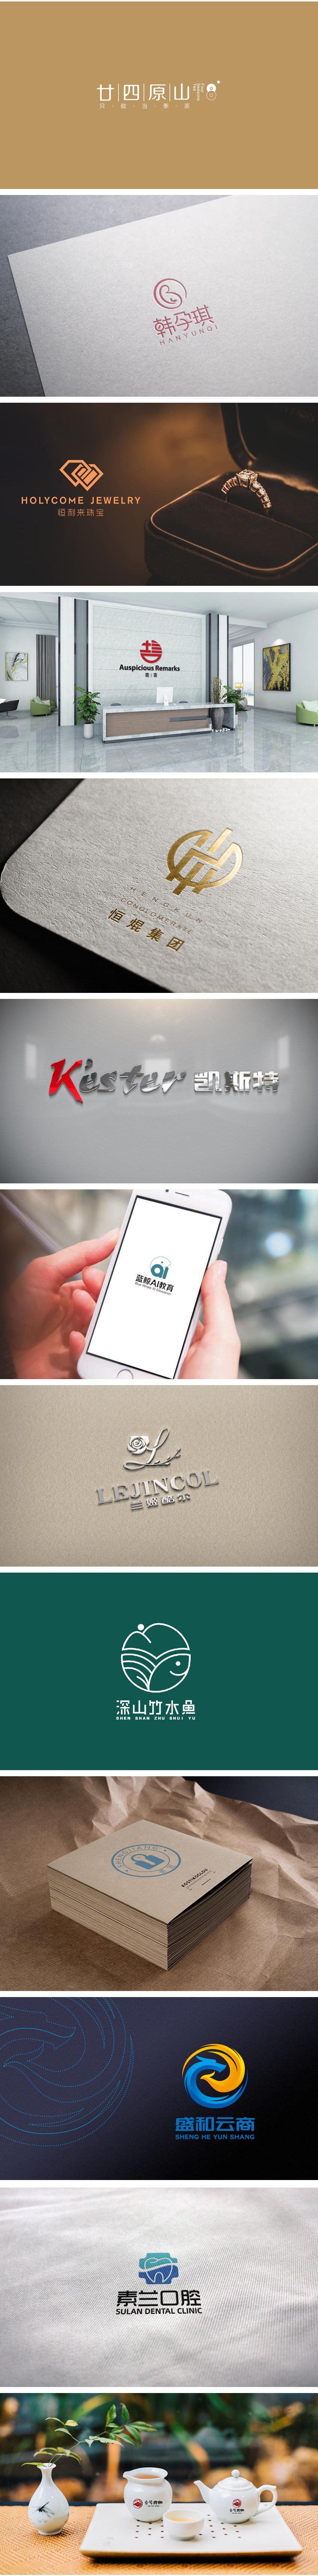 _logo设计可注册副总监操刀企业品牌标志商标LOGO设计公司3